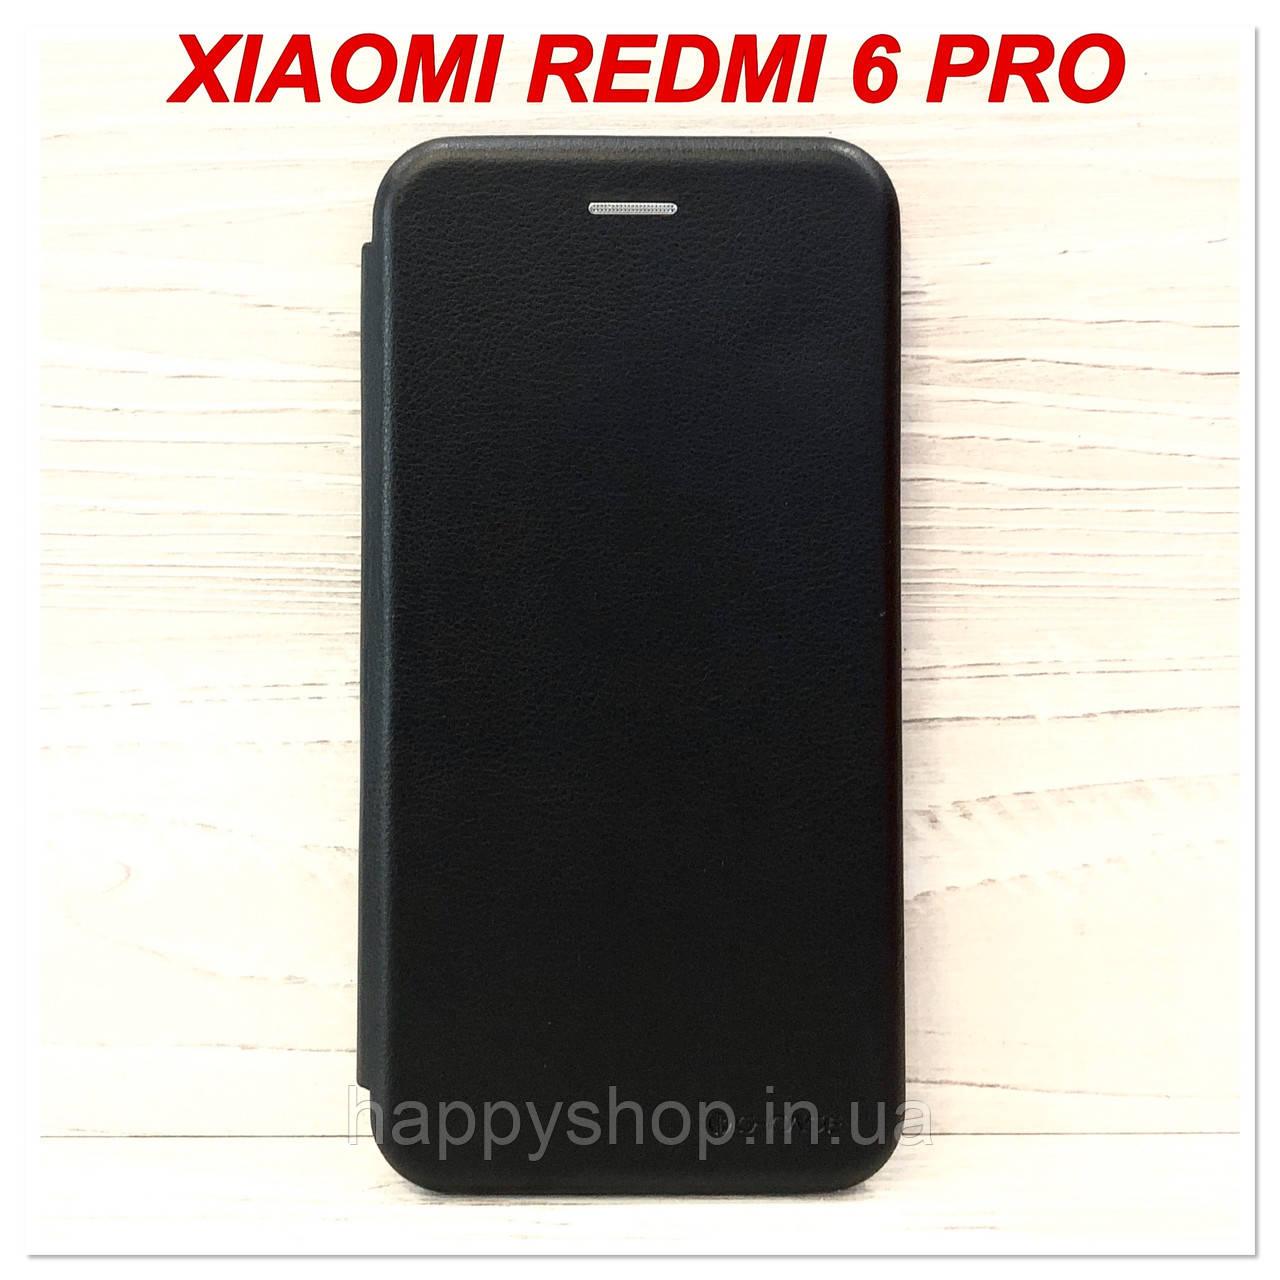 Чехол-книжка G-Case для Xiaomi Redmi 6 Pro (Черный)